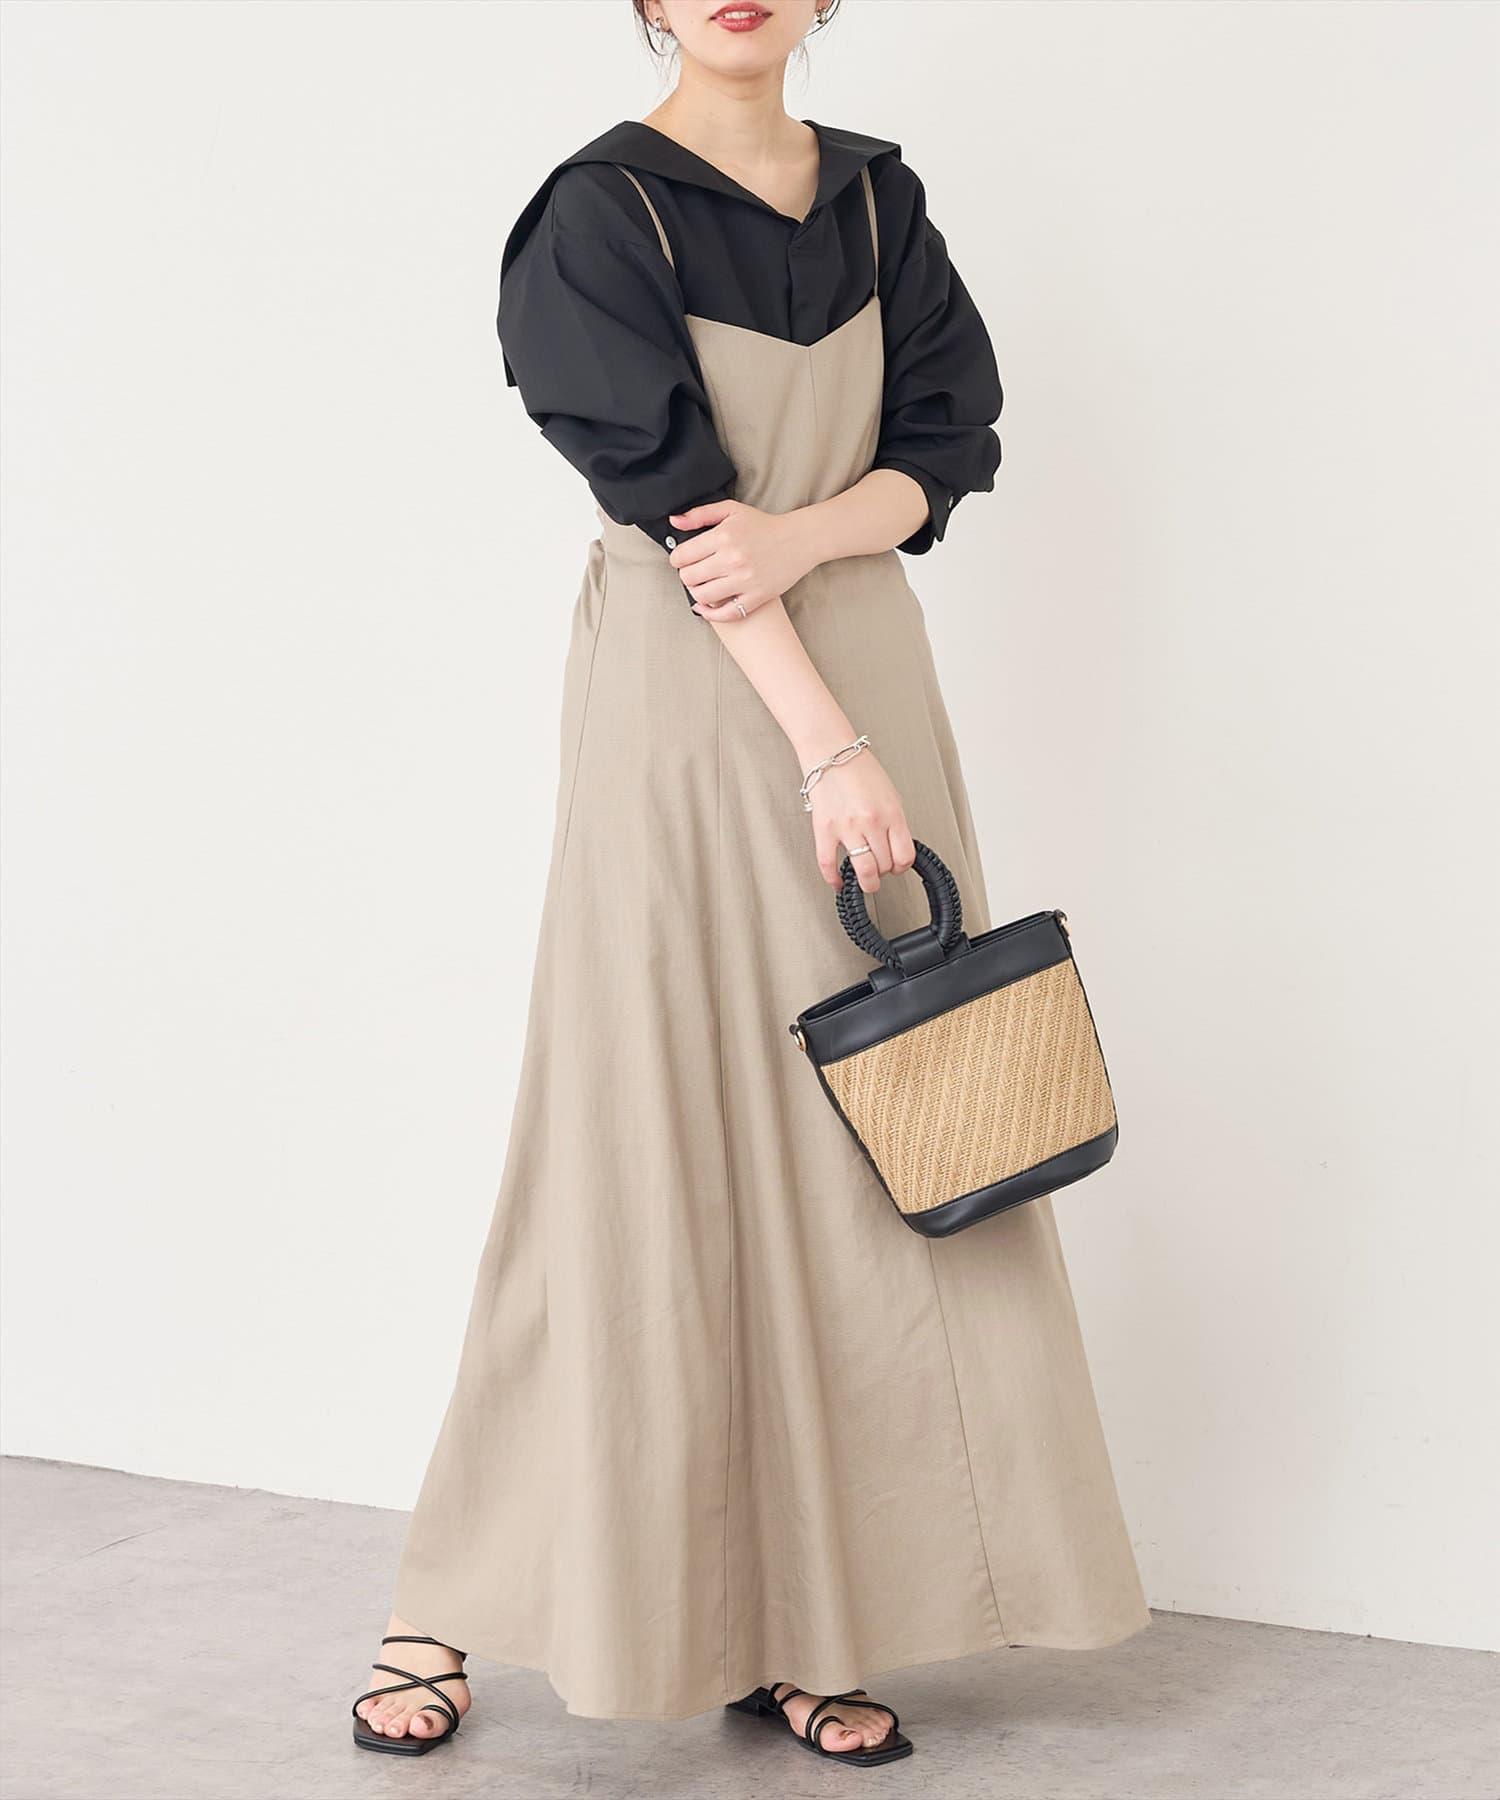 natural couture(ナチュラルクチュール) リネン混セーラーカラーブラウス